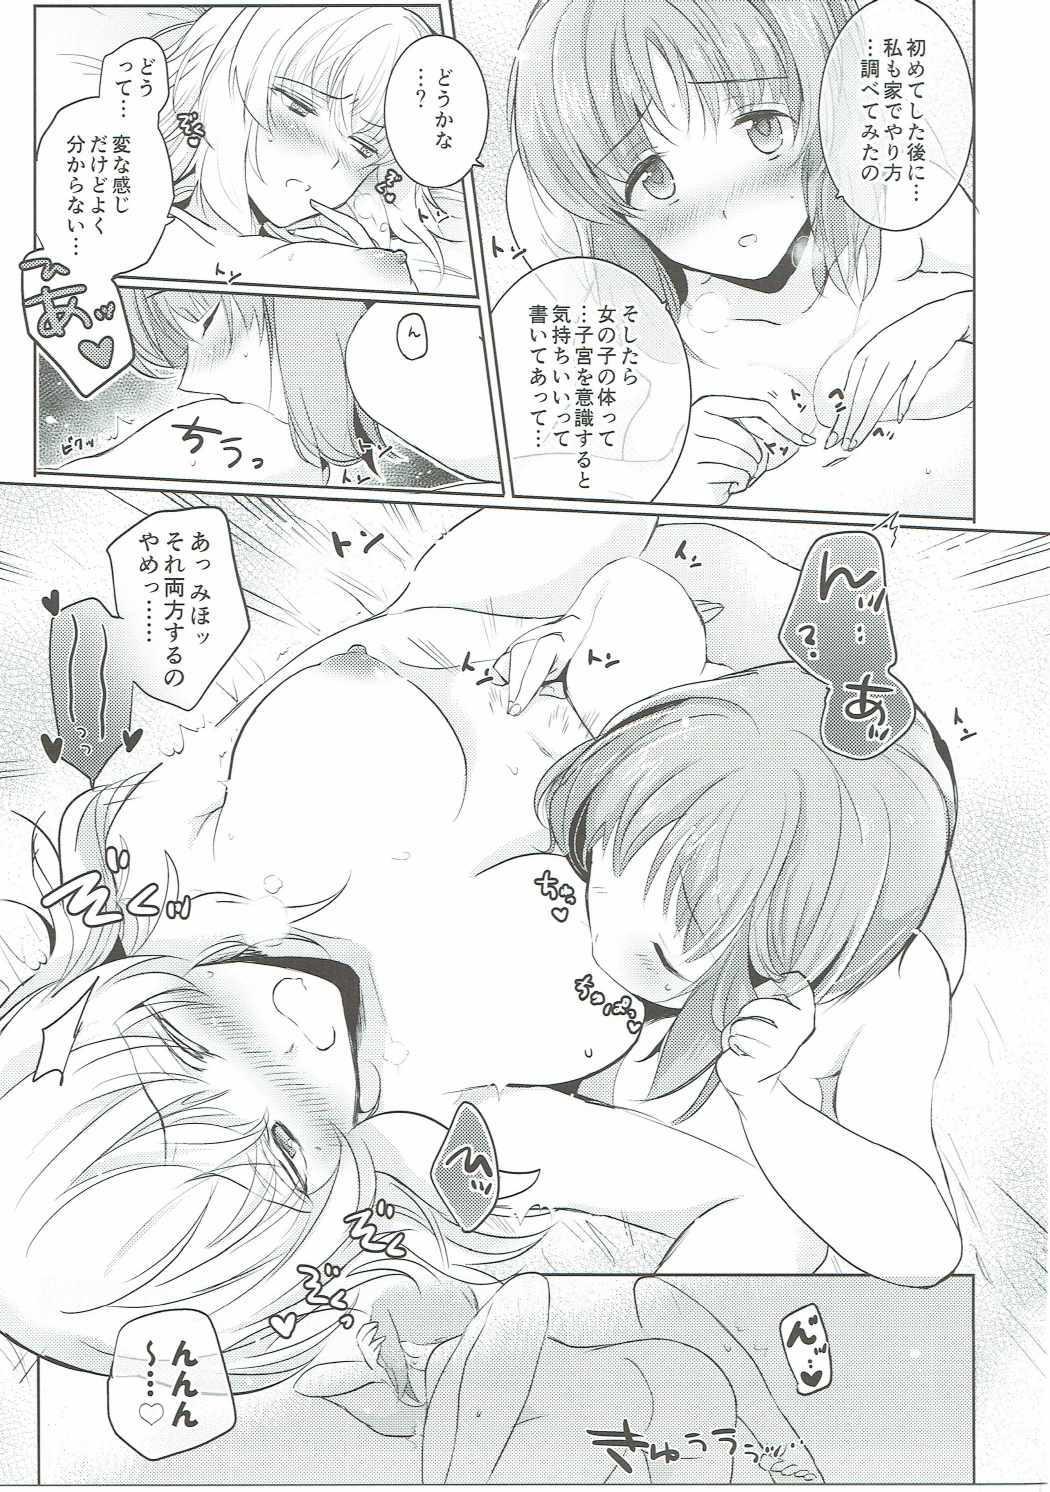 Futarikiri no Natsu 27